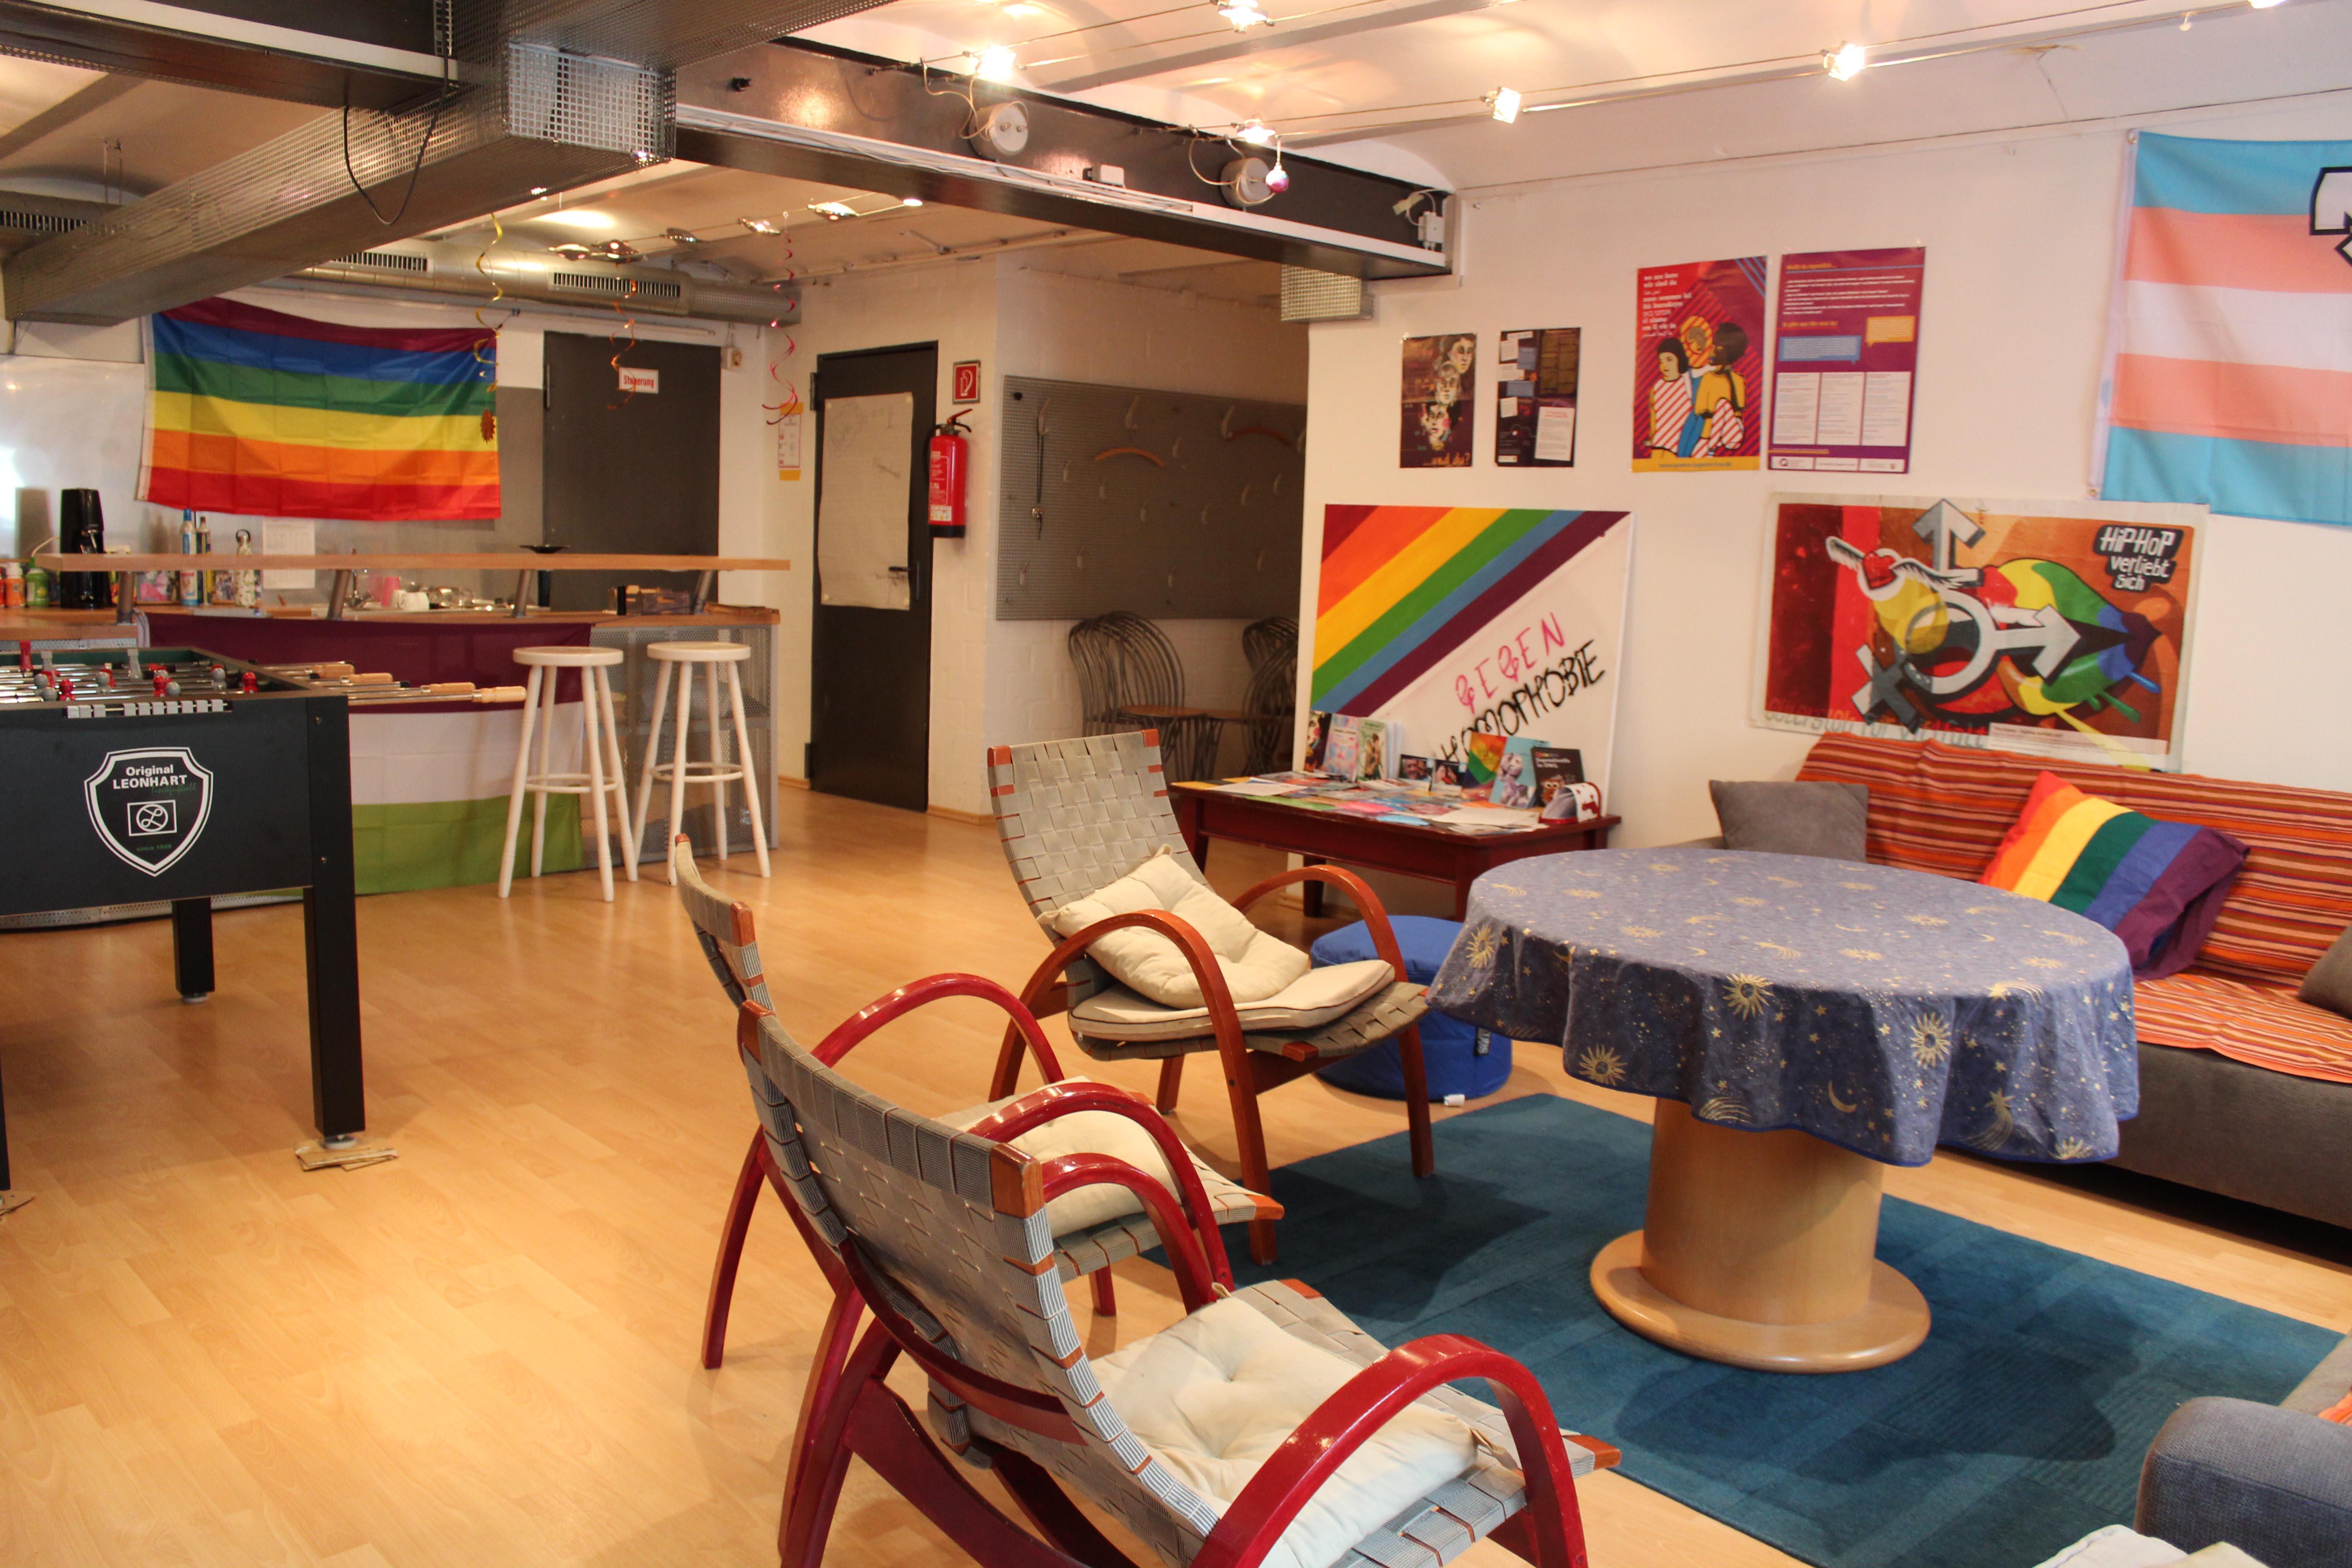 Das Bild zeigt den hellen und freundlichen Gruppenraum. An den Wänden hängen Queere Flagge und es gibt einen Kicker.